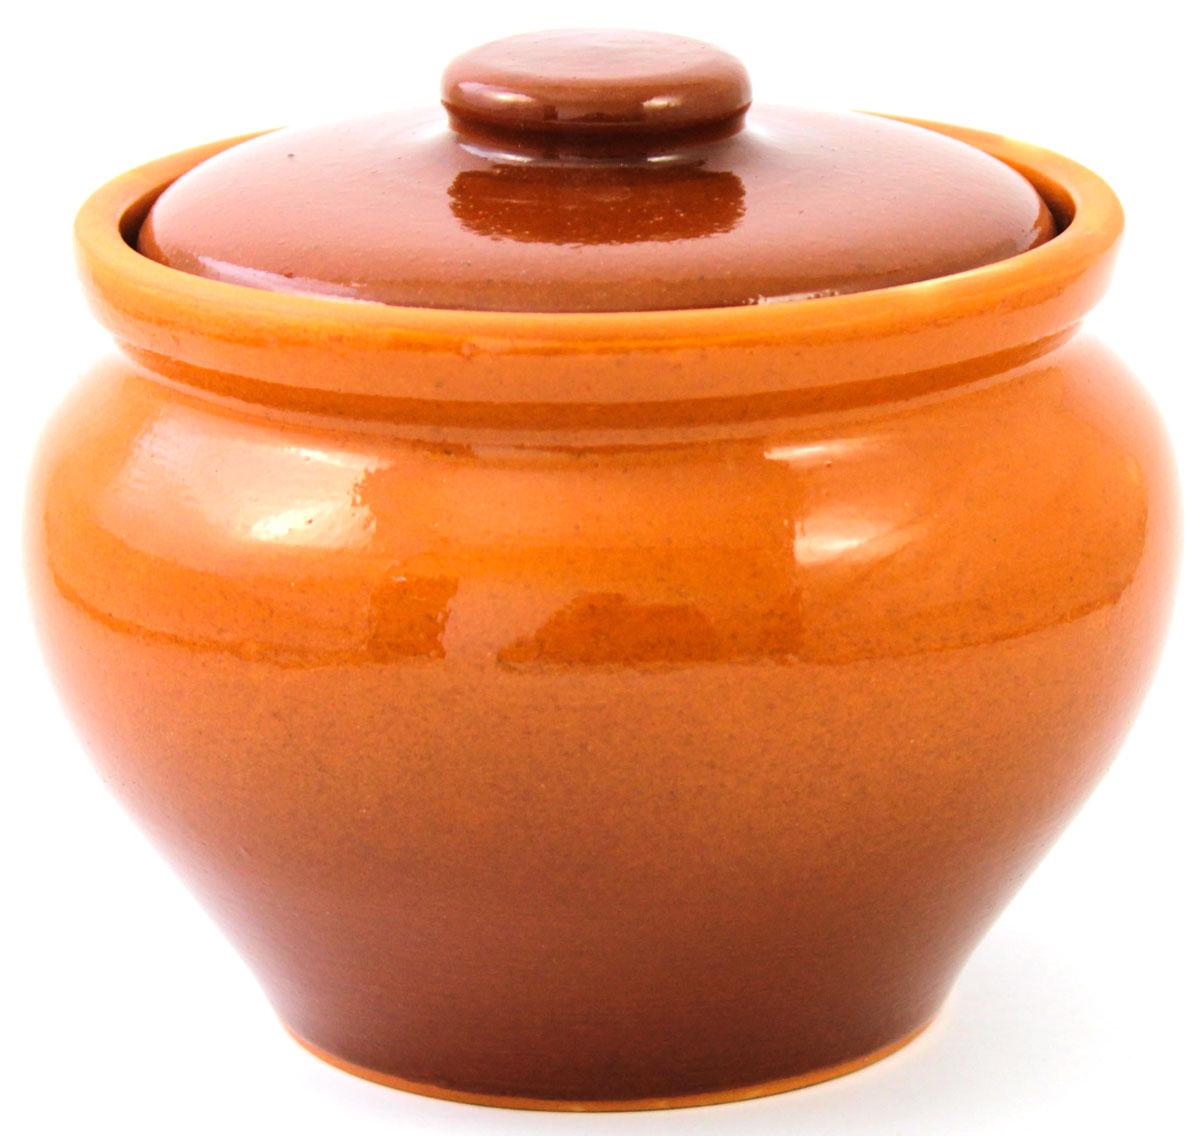 Горшок для запекания Ломоносовская керамика, с крышкой, цвет: коричневый, 800 мл1Г3-11Горшок для запекания Ломоносовская керамика с крышкой выполнен из высококачественной глины. Уникальные свойства глины и толстые стенки изделия обеспечивают эффект русской печи при приготовлении блюд. Блюда, приготовленные в керамическом горшке, получаются нежными и сочными. Вы сможете приготовить мясо, сделать томленые овощи и все это без капли масла. Это один из самых здоровых способов готовки.